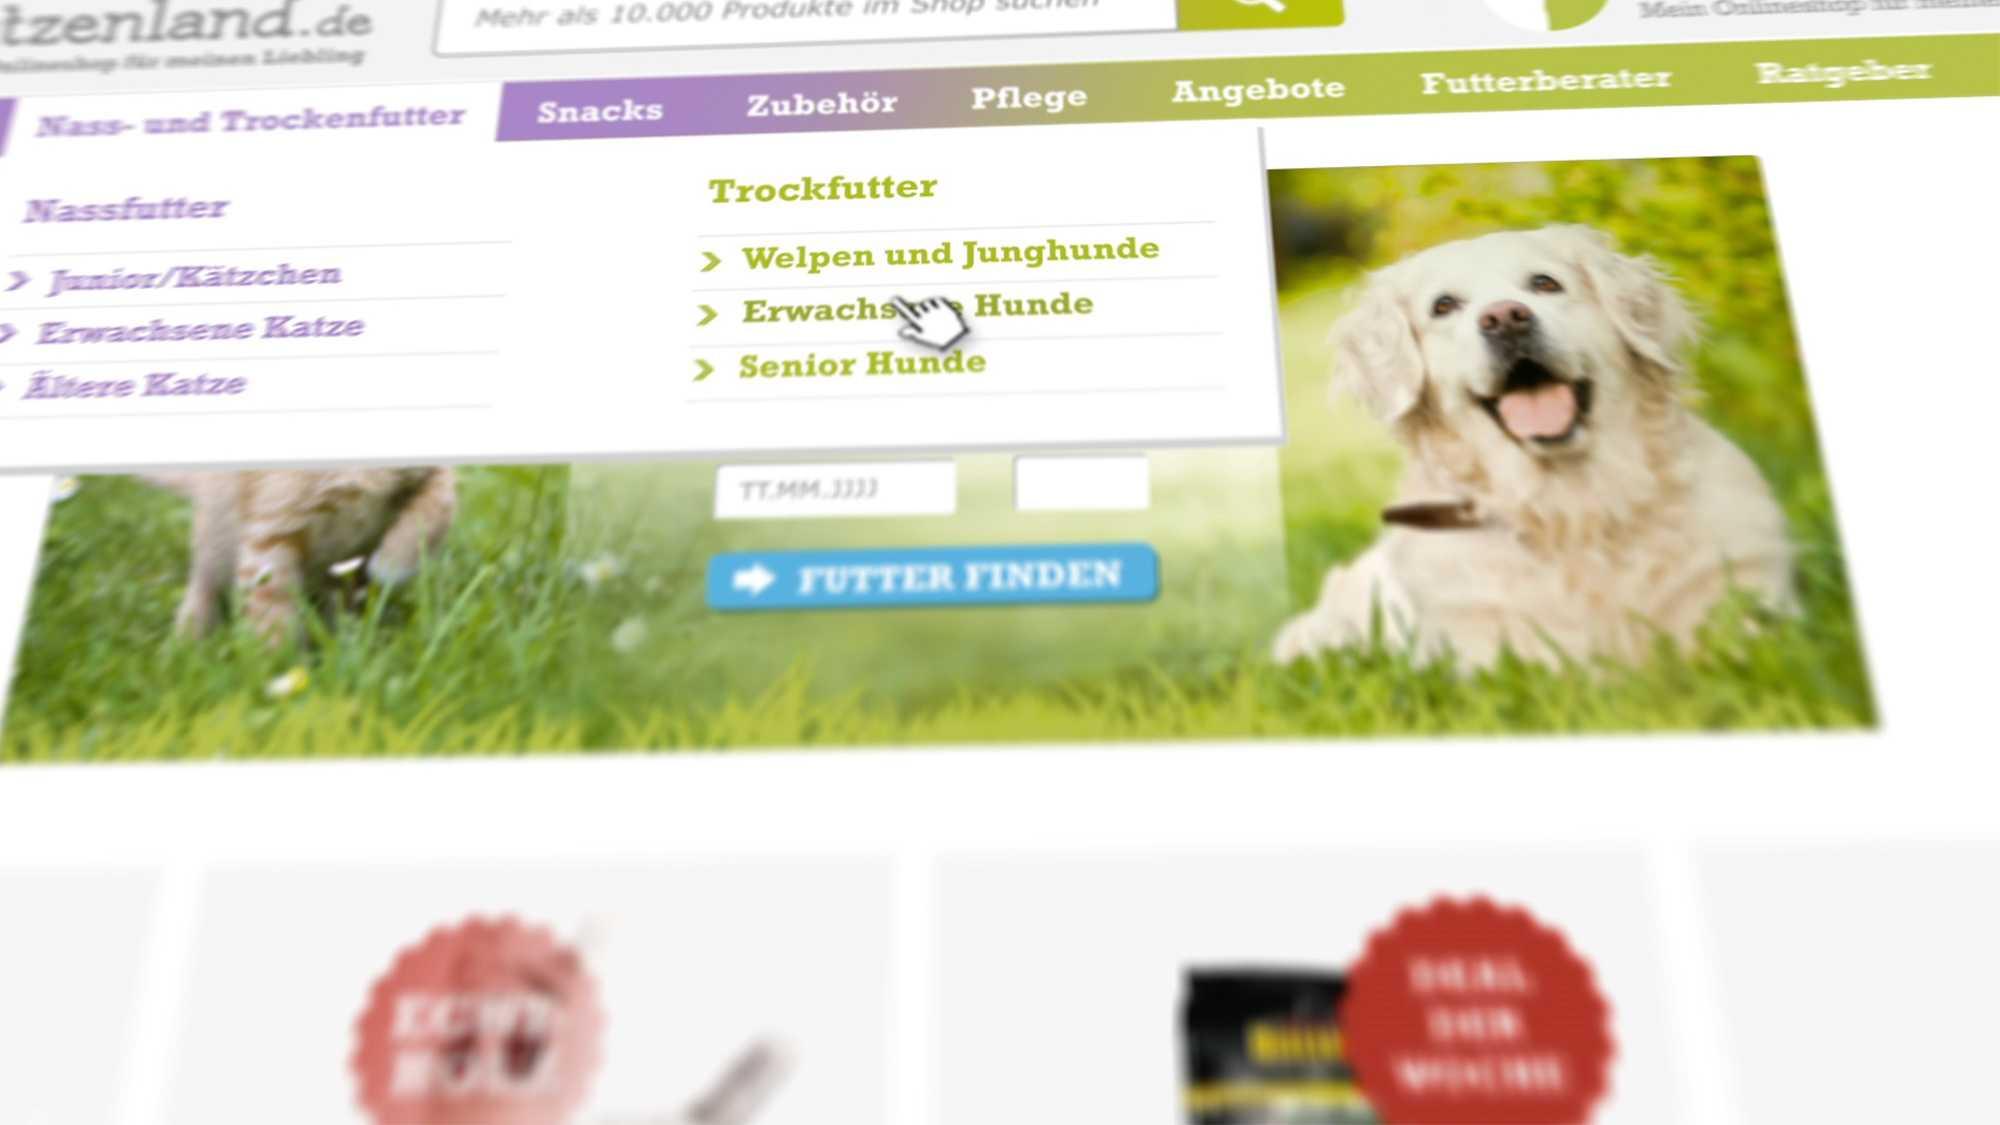 Das Bild zeigt die Webseite Hundekatzenland.de. Man sieht die Homepage, ein Hund liegt im grünen Gras und über ihm kann man an einem Slider verschiedene Menüpunkte auswählen. Das Bild dient als Making Of Bild für den Portfolioeintrag Hundeland Katzenland von Panda Pictures.